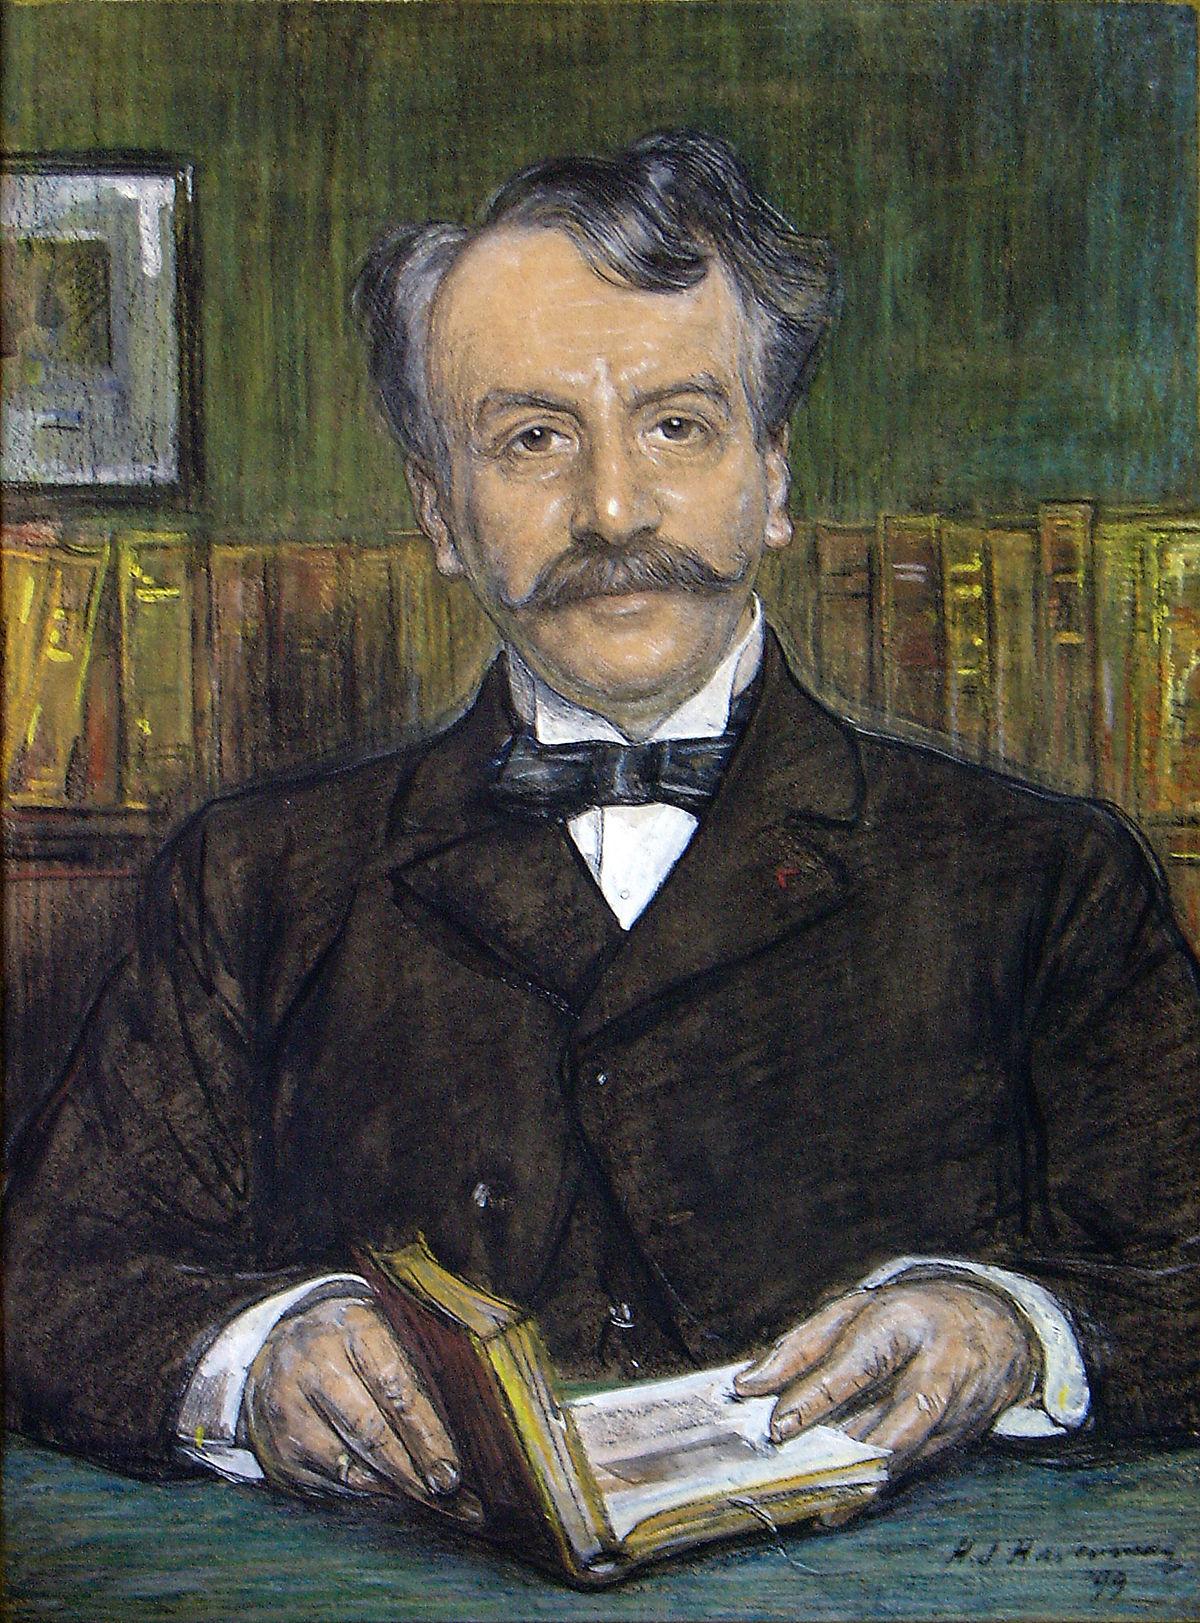 Lezing Anton Gerard van Hamel (1842-1907), de grondlegger van de Alliance Française in Nederland